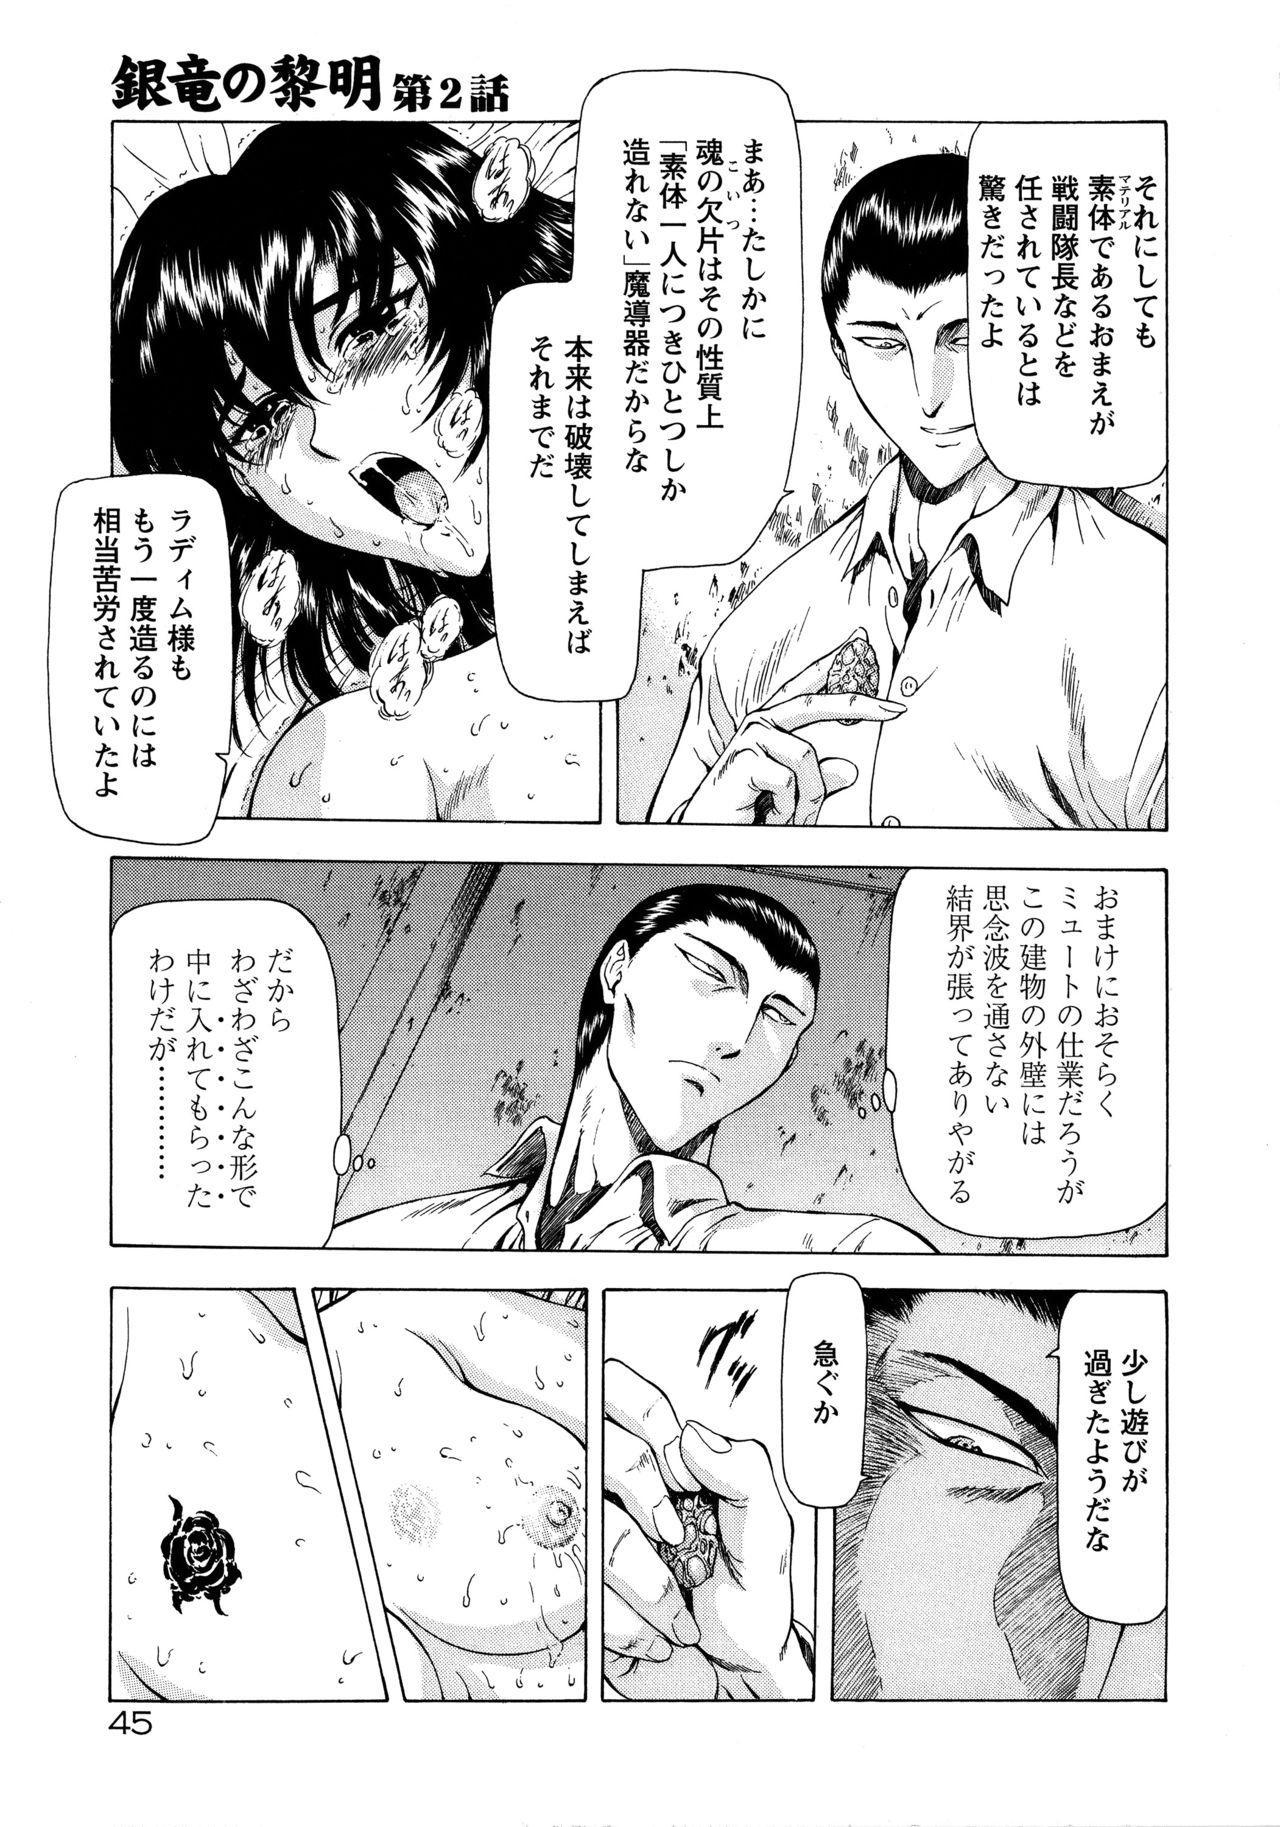 Ginryuu no Reimei Vol. 1 52